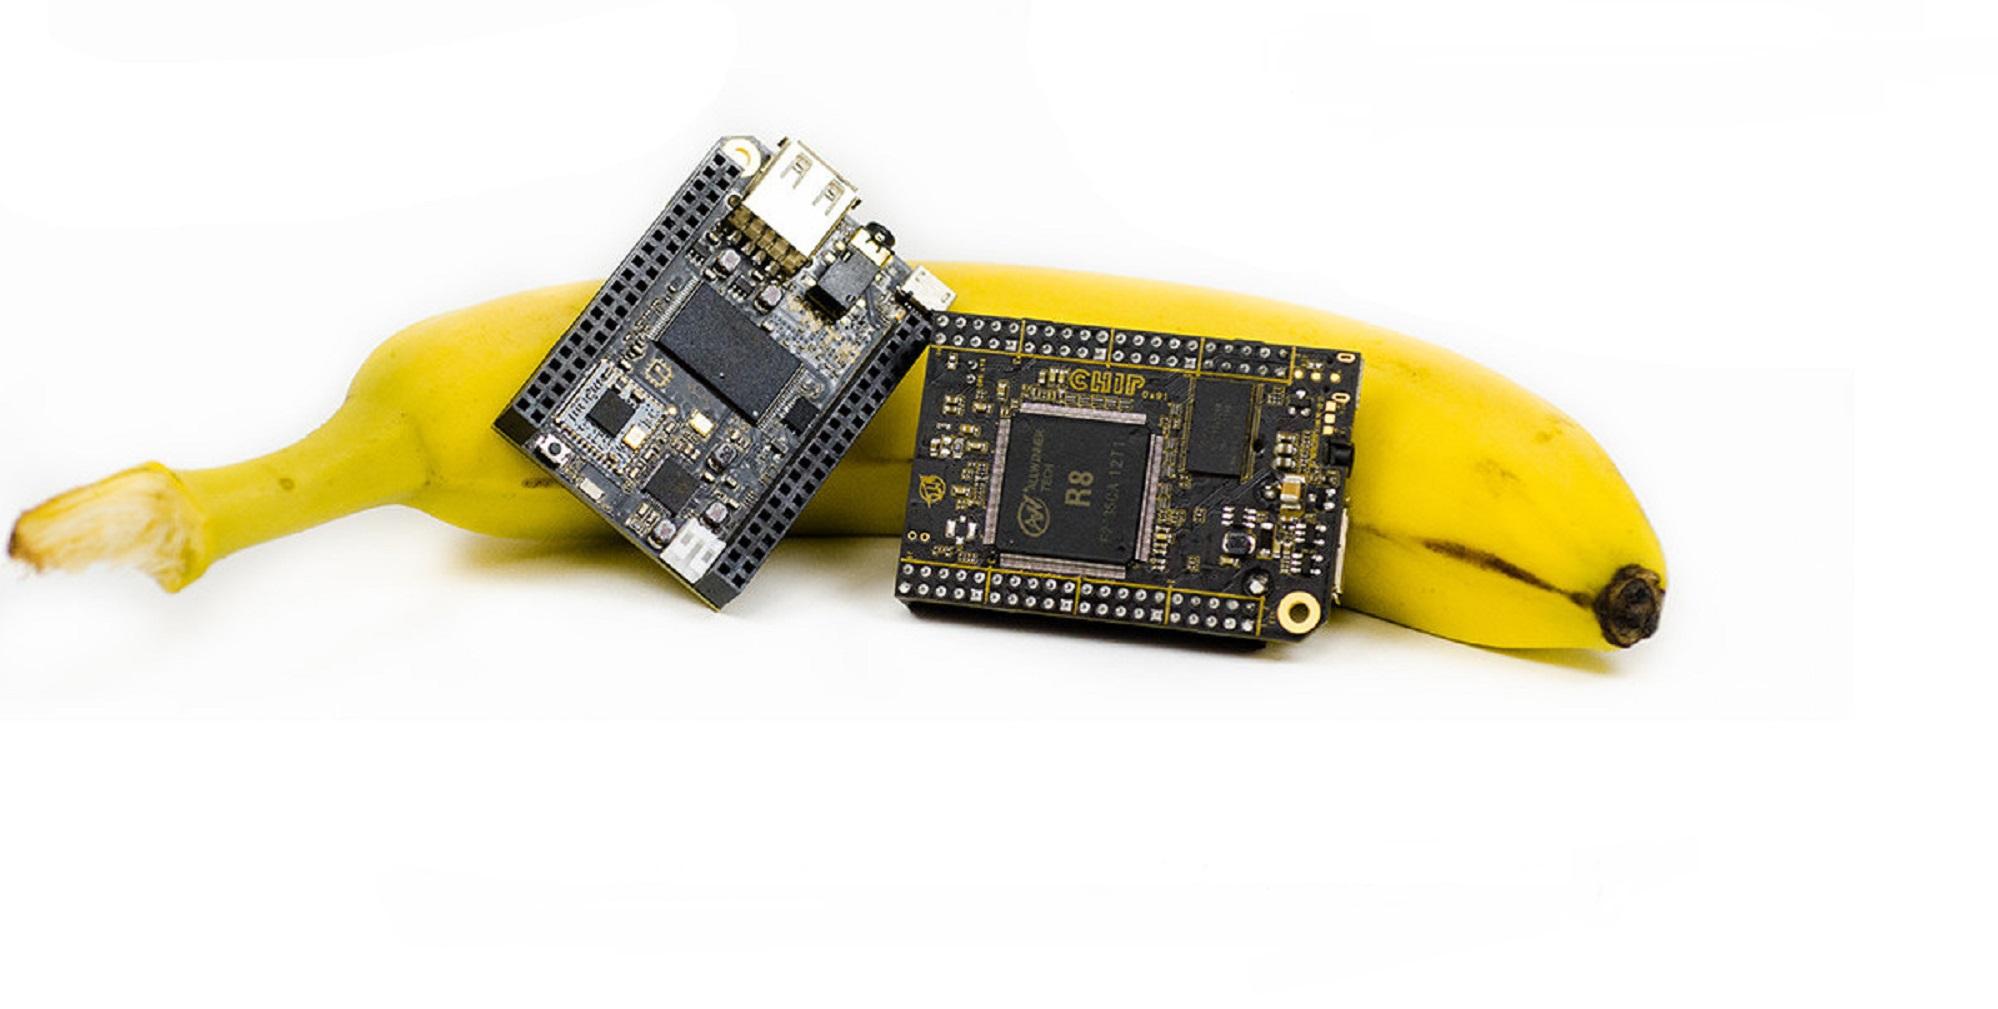 Le Top 10 des kits de prototypage hardware (3)